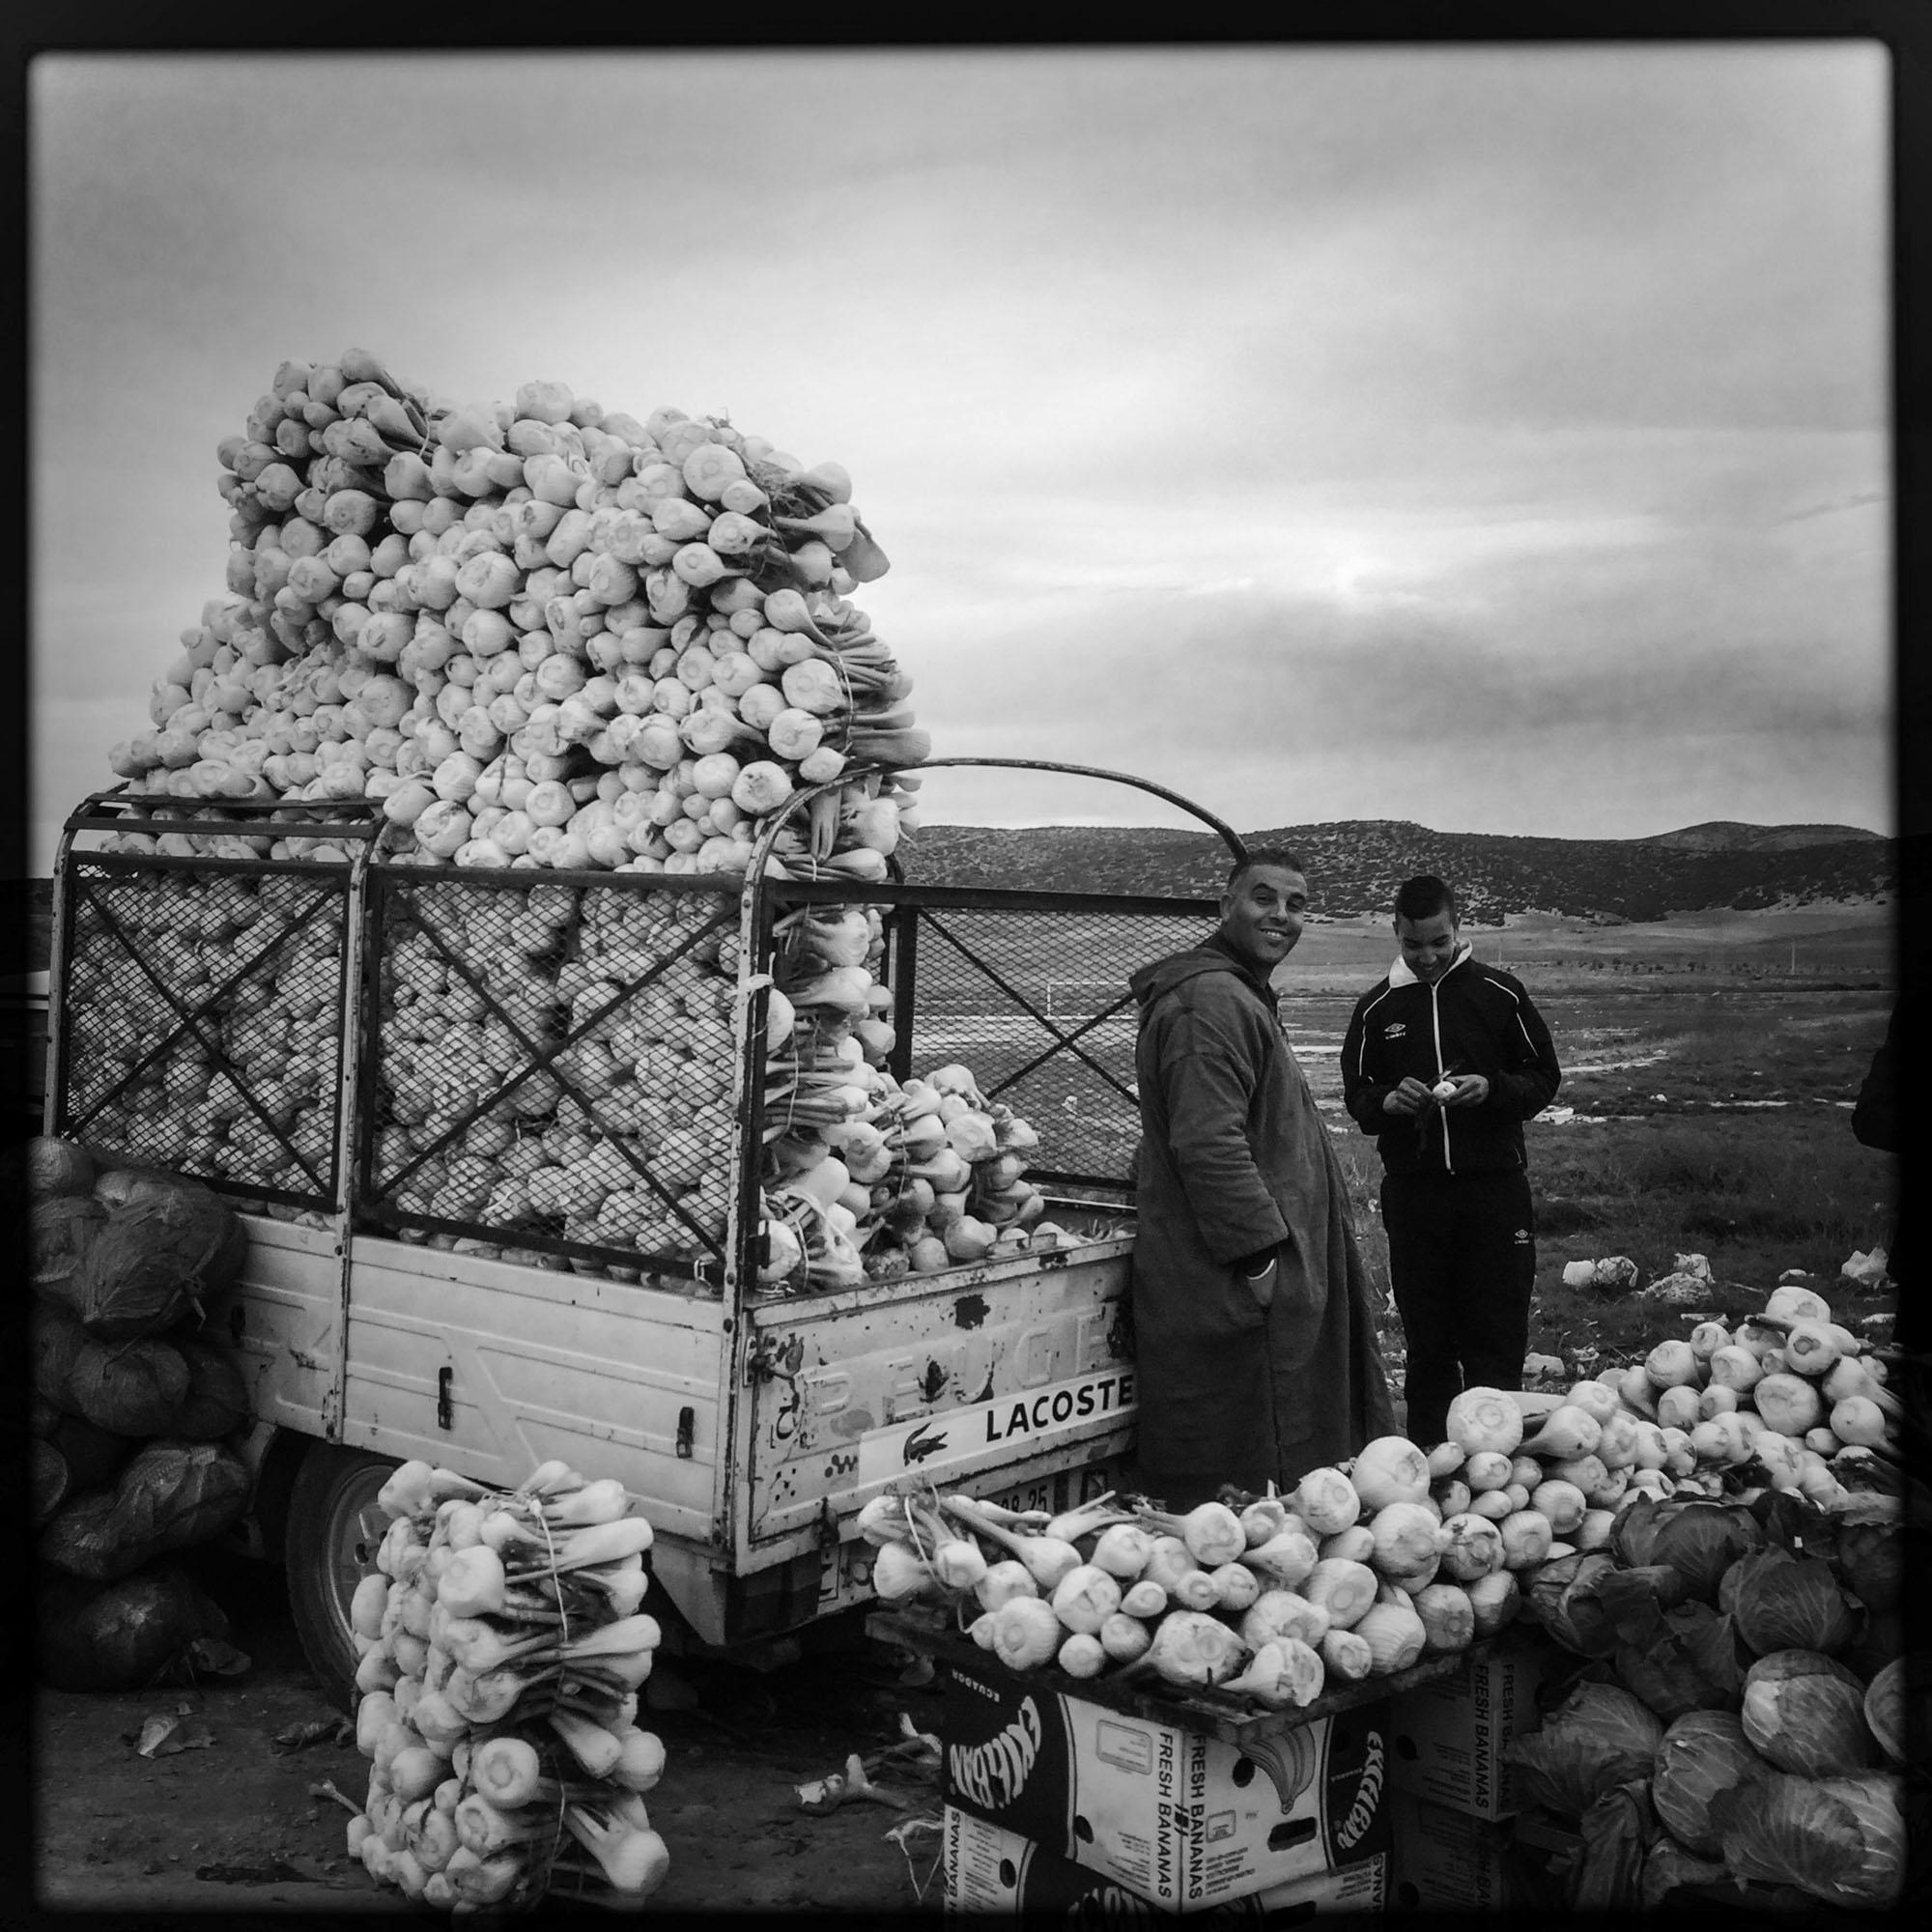 Sur la route entre Biskra et Constantine, les terres trés fertiles permettent à de nombreux paysans de vendre leurs récoltes sur le bord de la route. 9/02/2016, ALGERIE.